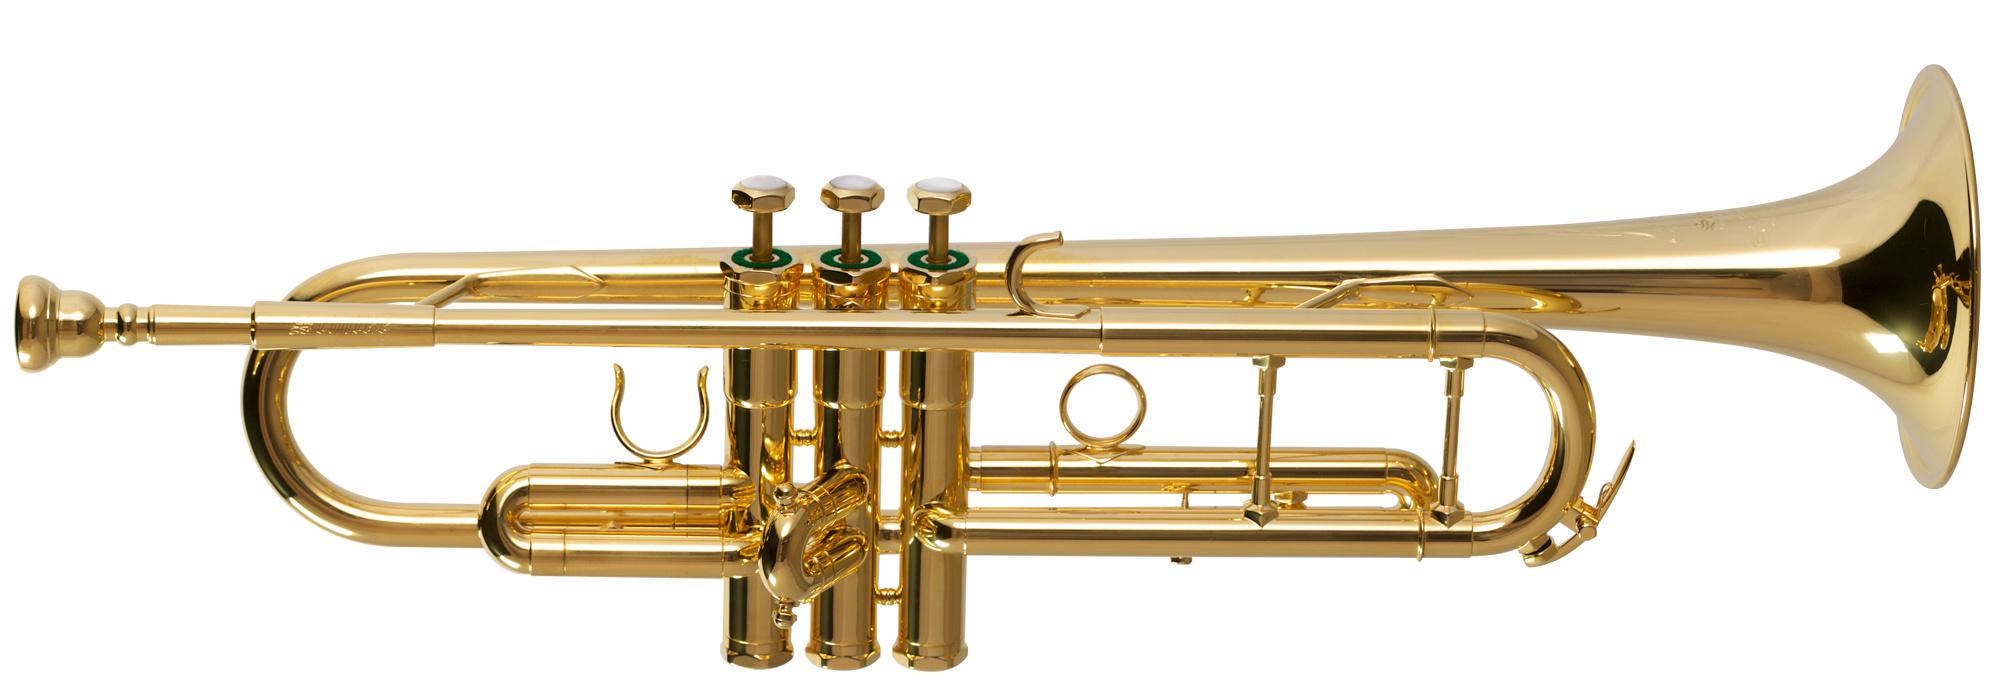 Schilke Schilke Soloiste Bb Trumpet